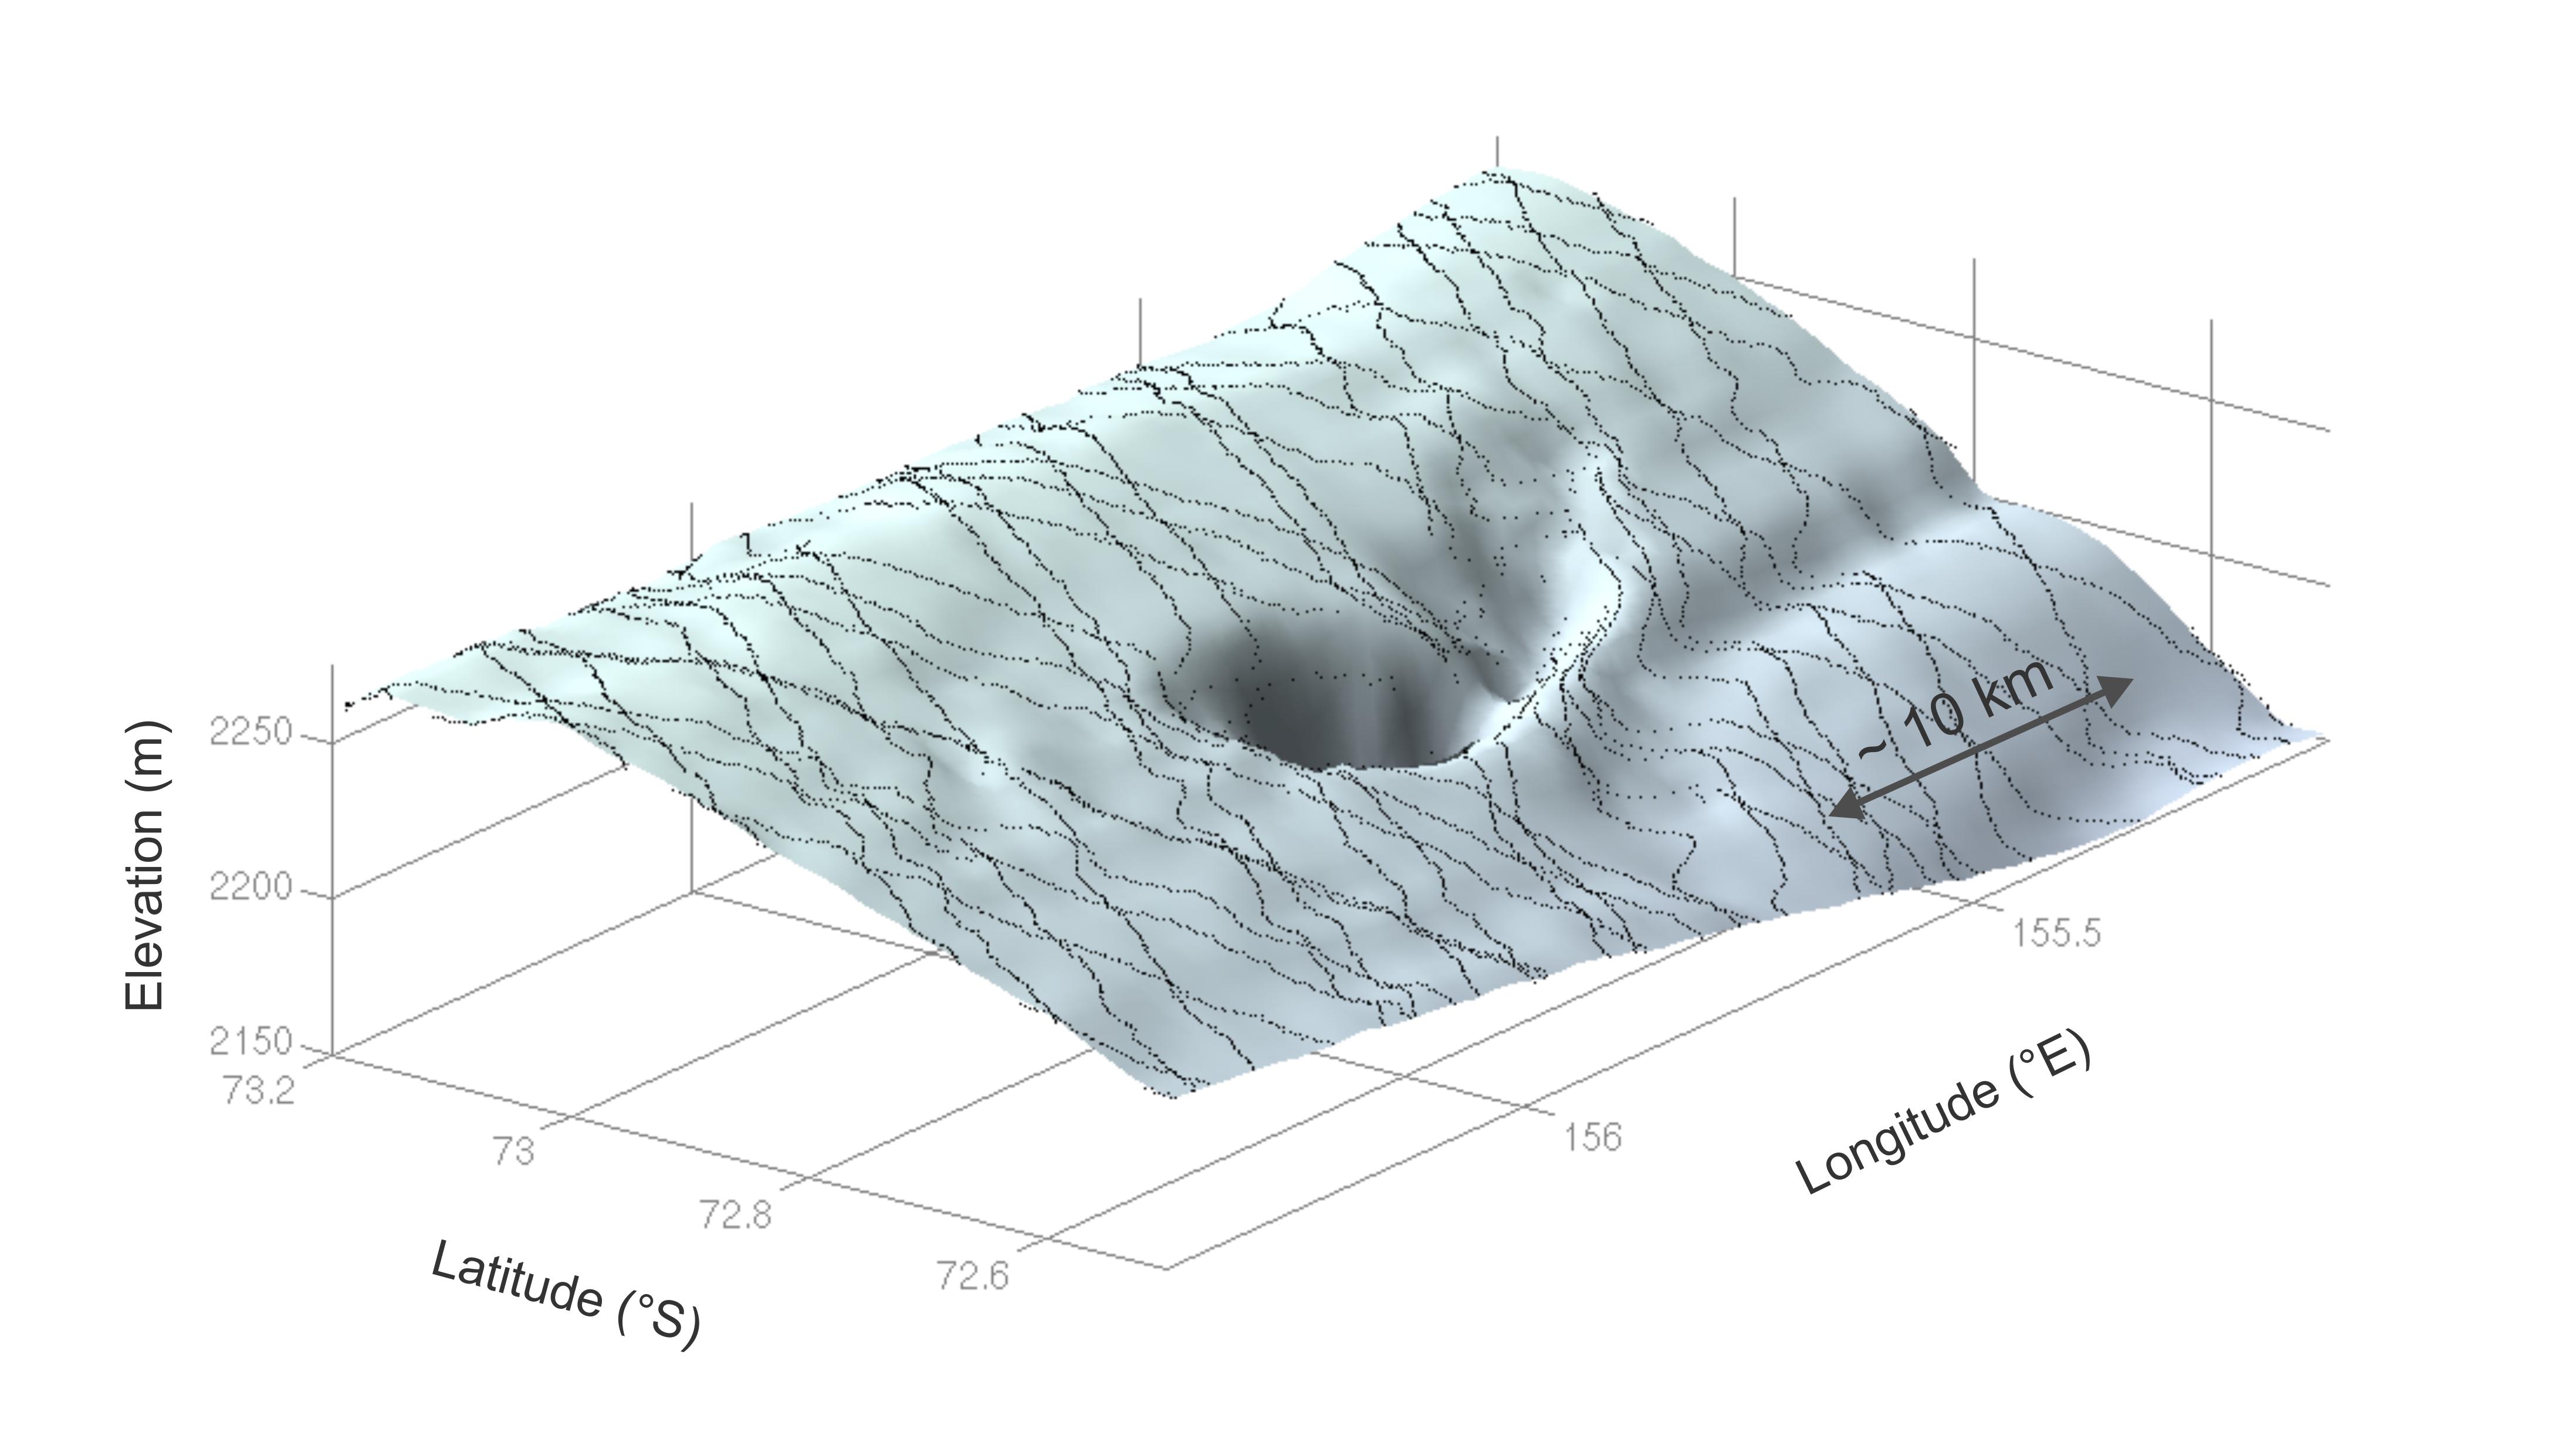 El cráter pone en riesgo toda la capa de hielo antártica